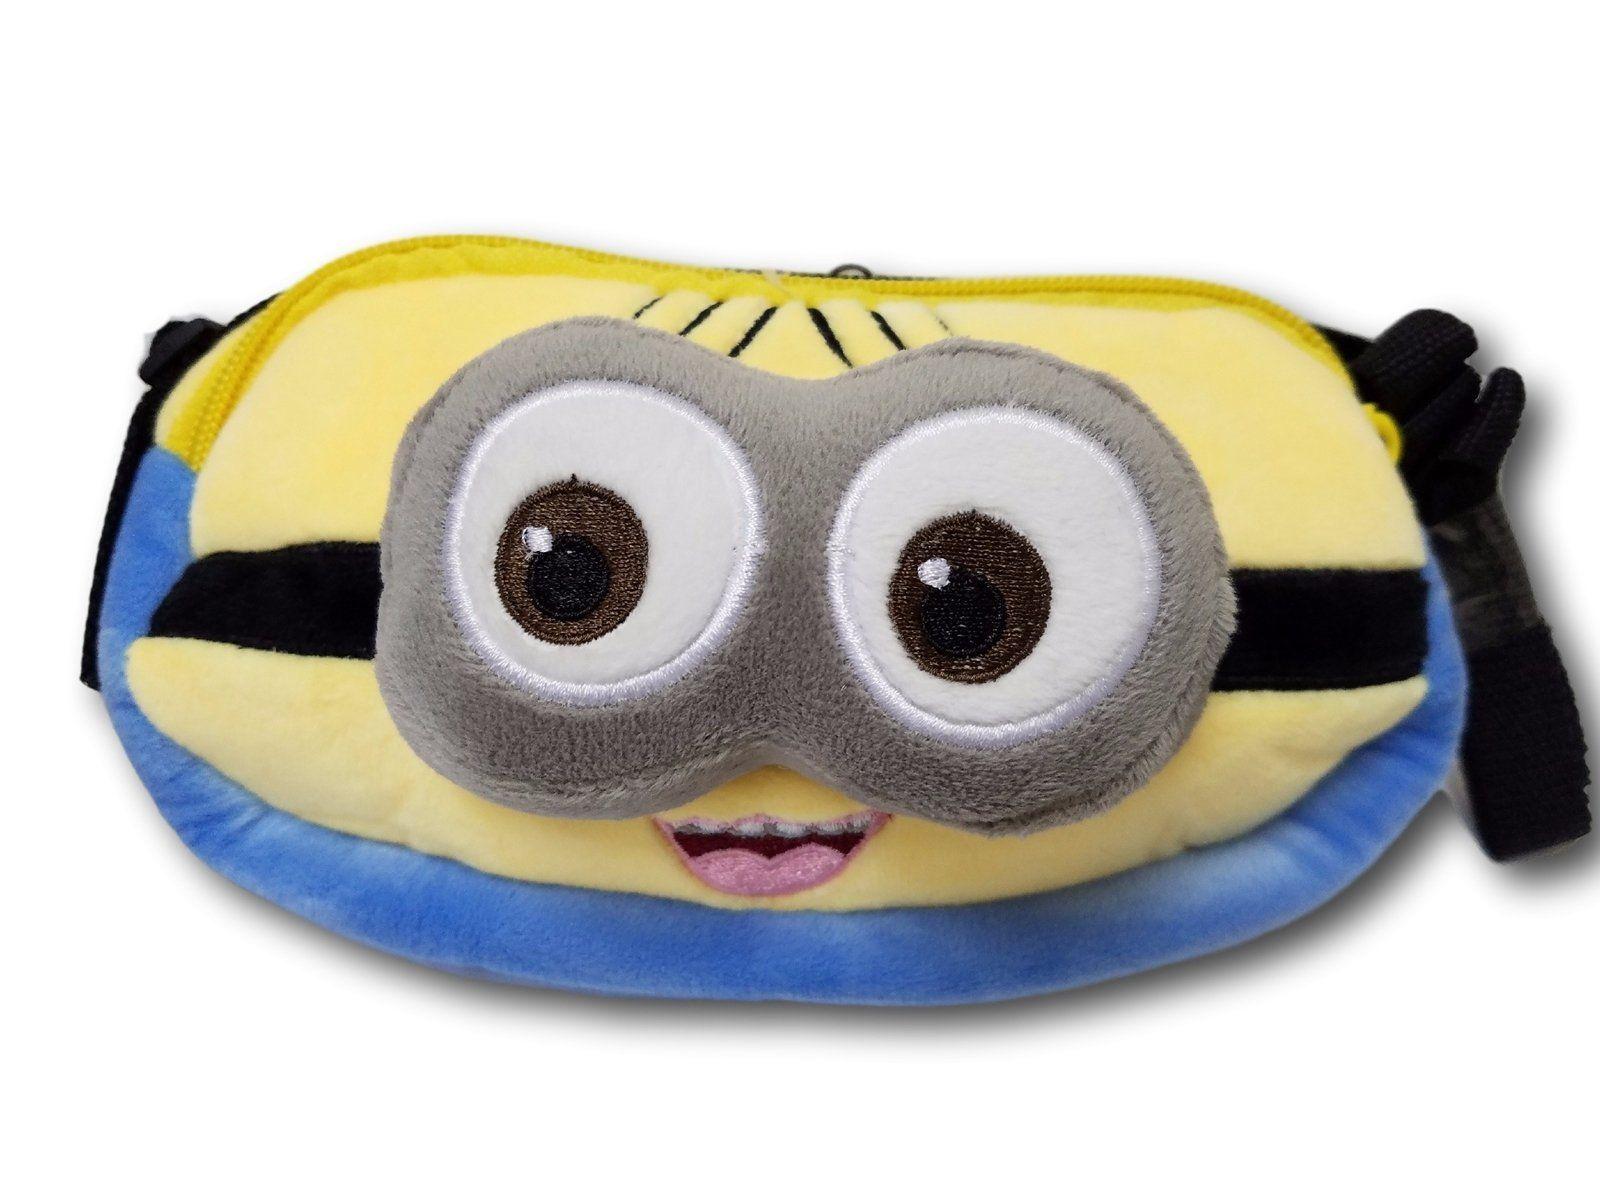 Cute Kawaii Despicable Me Minions Cosplay Bag HandBag Satchel bag Shoulder Bag